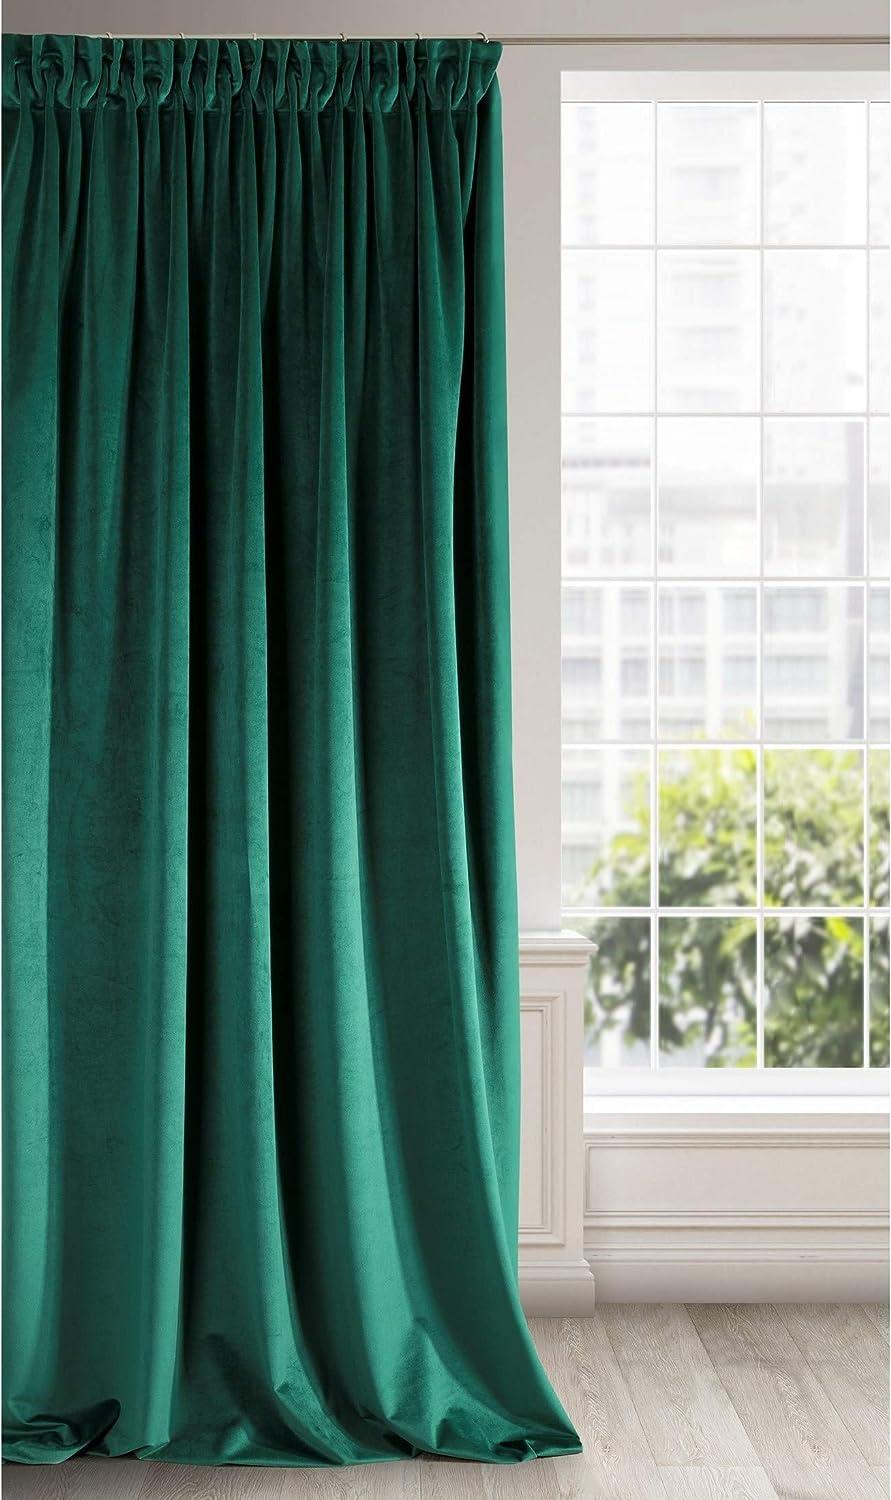 Moderne Gardinen Wohnzimmer Fensterdekoration Türkis Fenster 120-180  Nr 439